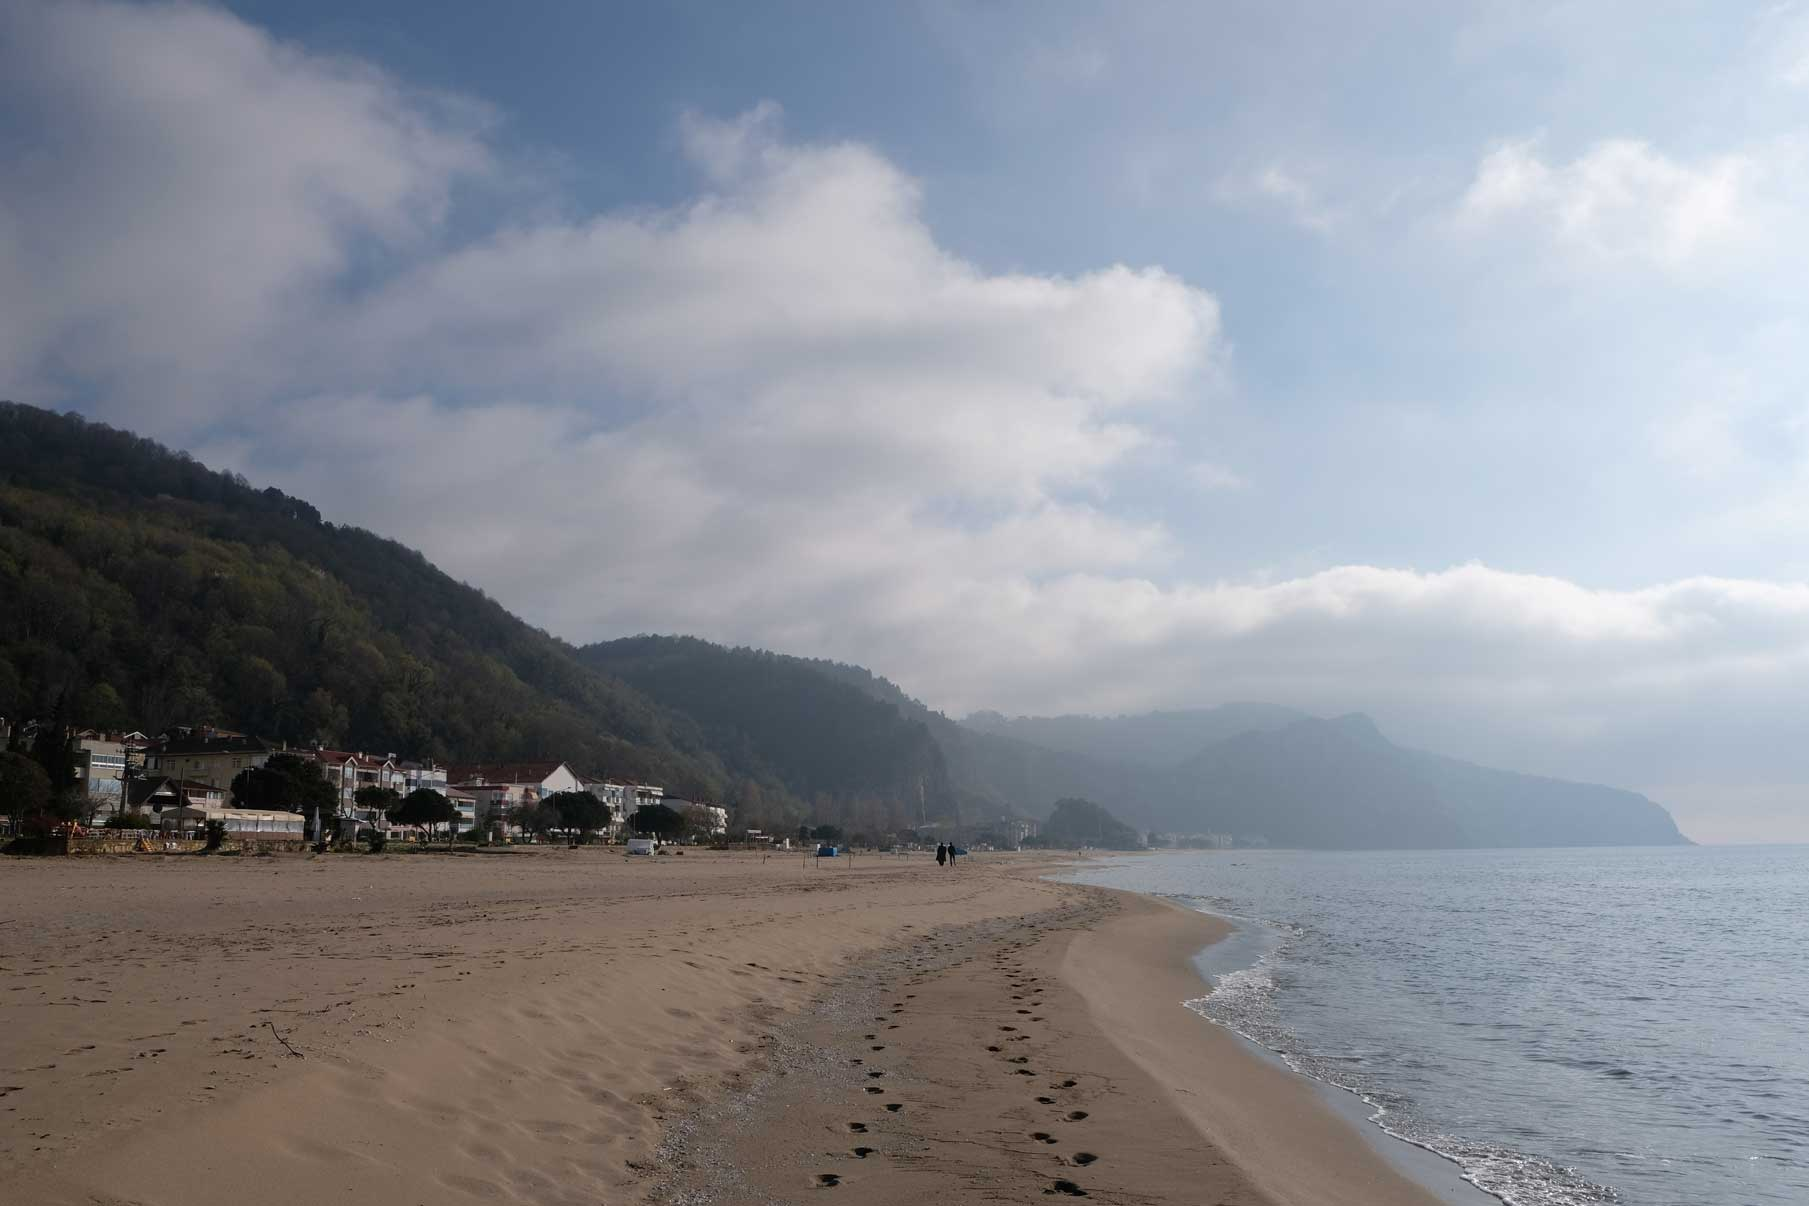 Blick auf den schönen Strand Inkums, den wir für uns alleine haben, da die Touristensaison noch nicht begonnen hat